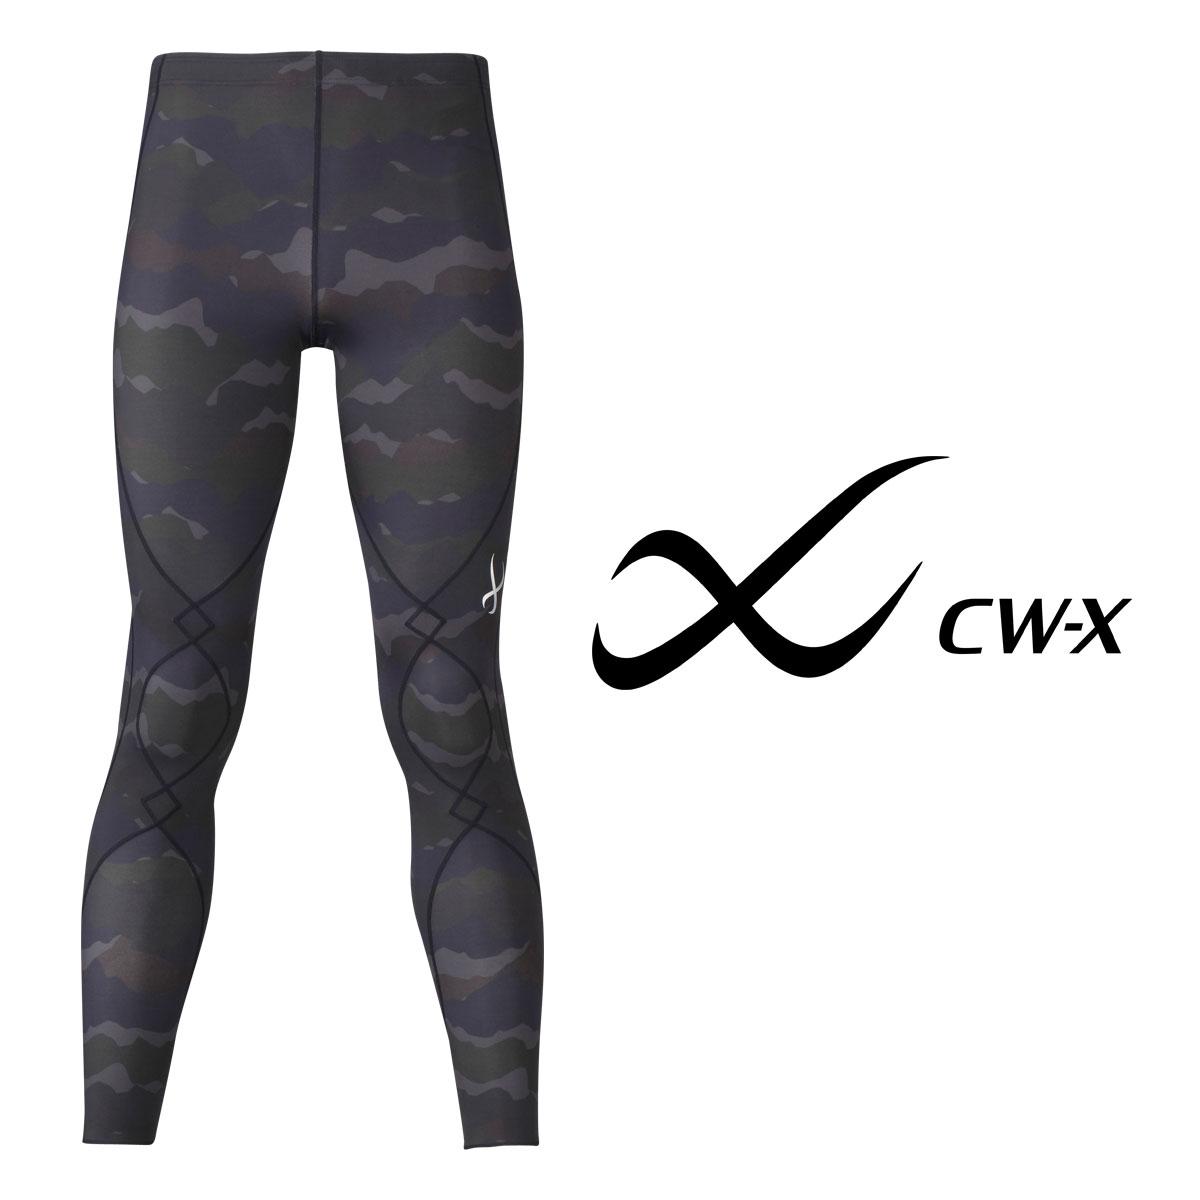 【25%OFF】ワコール CW-X スポーツタイツ スピードモデル ロング メンズ 全1色 M/L HXO429